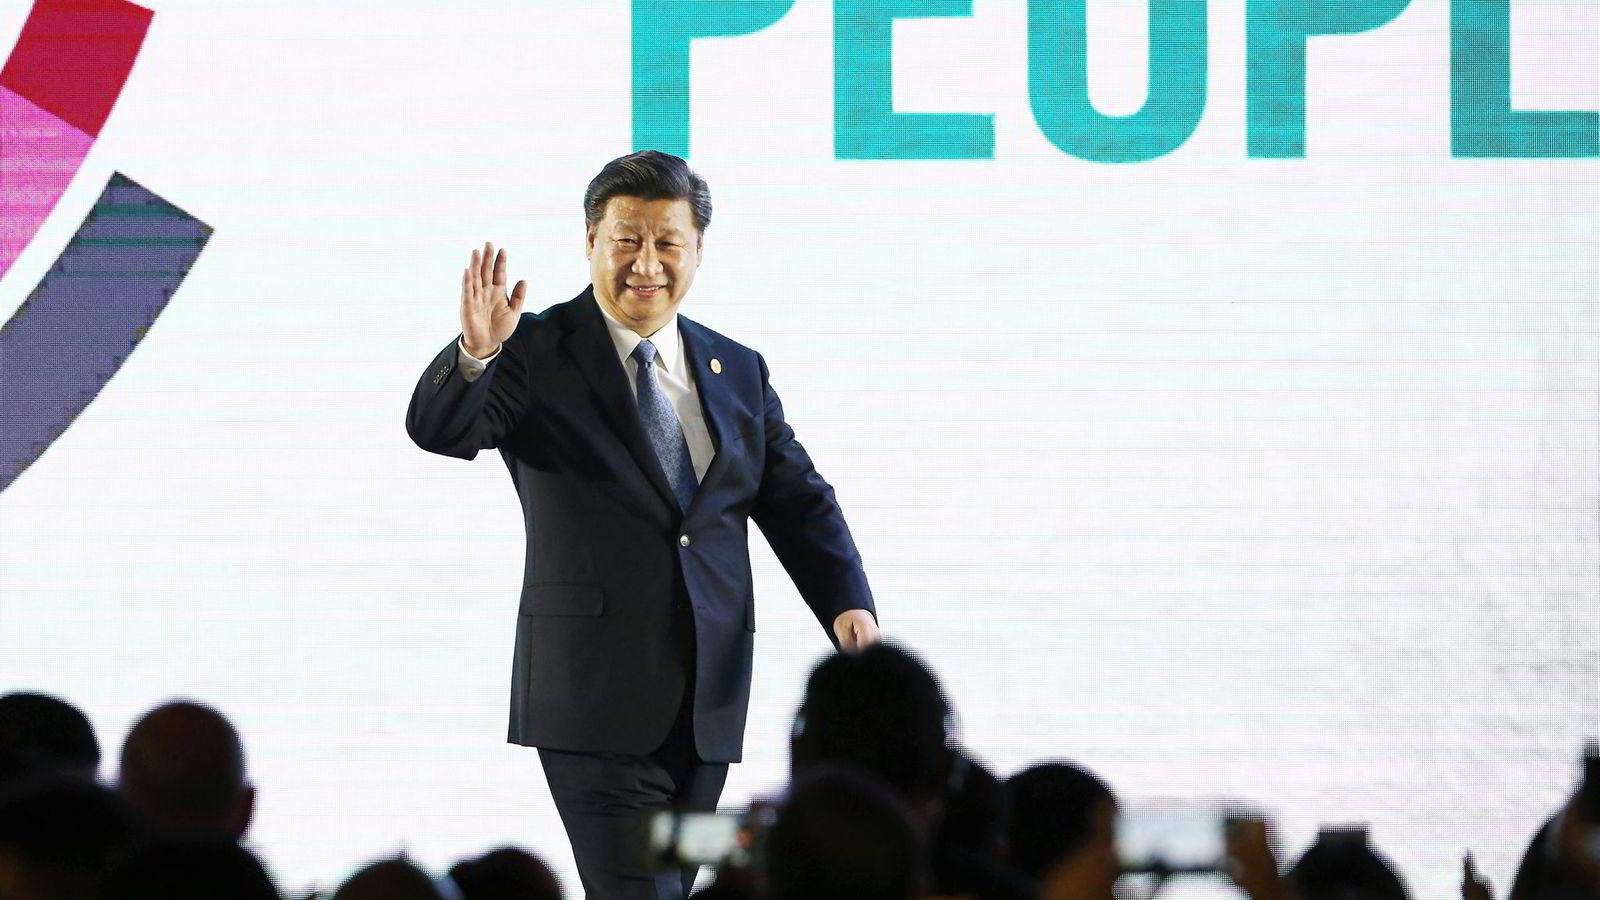 Kina og president Xi Jinping har en egeninteresse av å redusere utslippene for å bekjempe den alvorlig luftforurensning i landet. Foto: SeongJoon Cho,